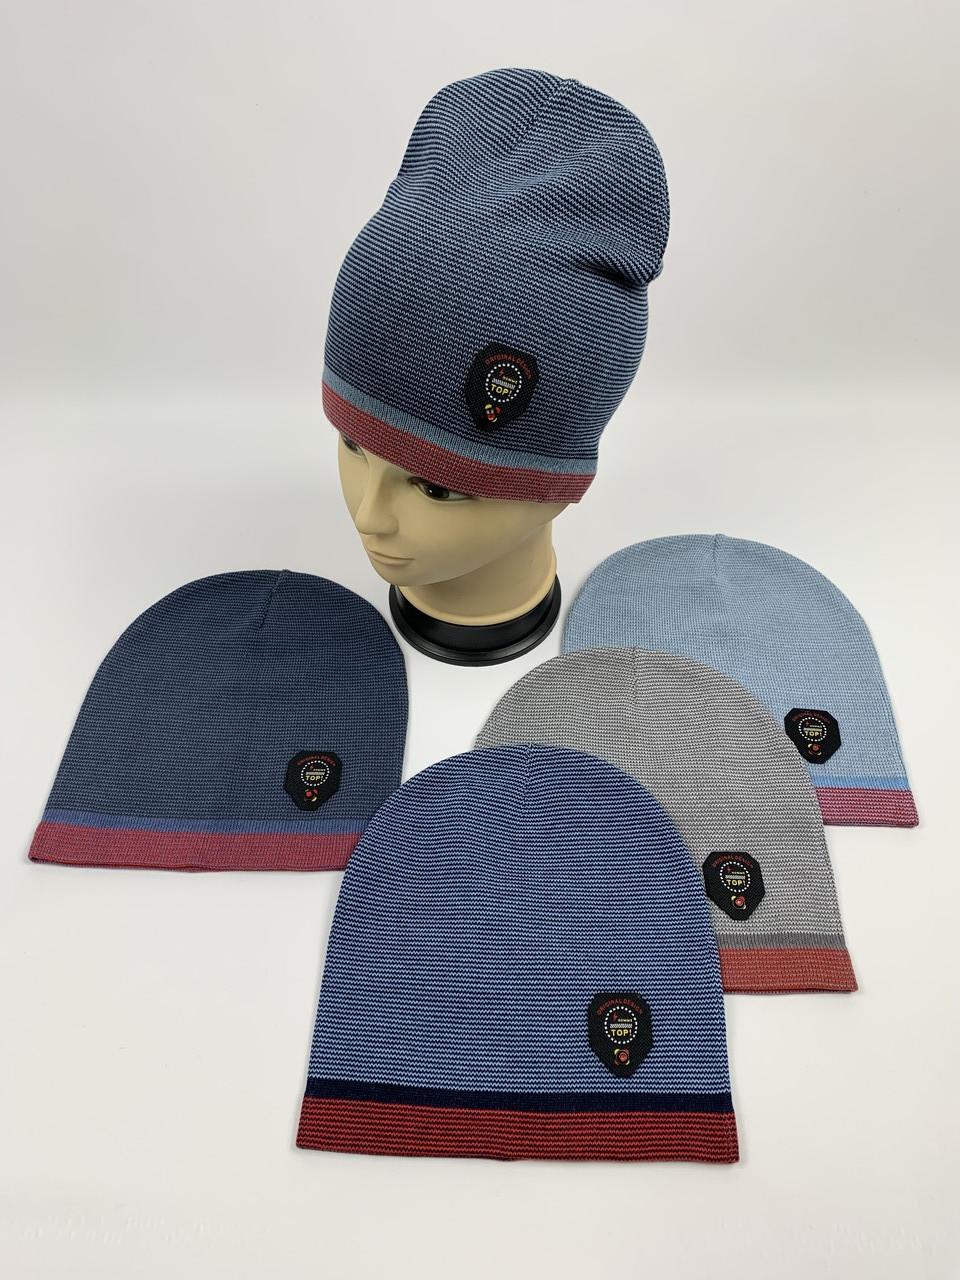 Детские демисезонные вязаные шапки для мальчиков оптом, р.50-52, ANPA (m6)